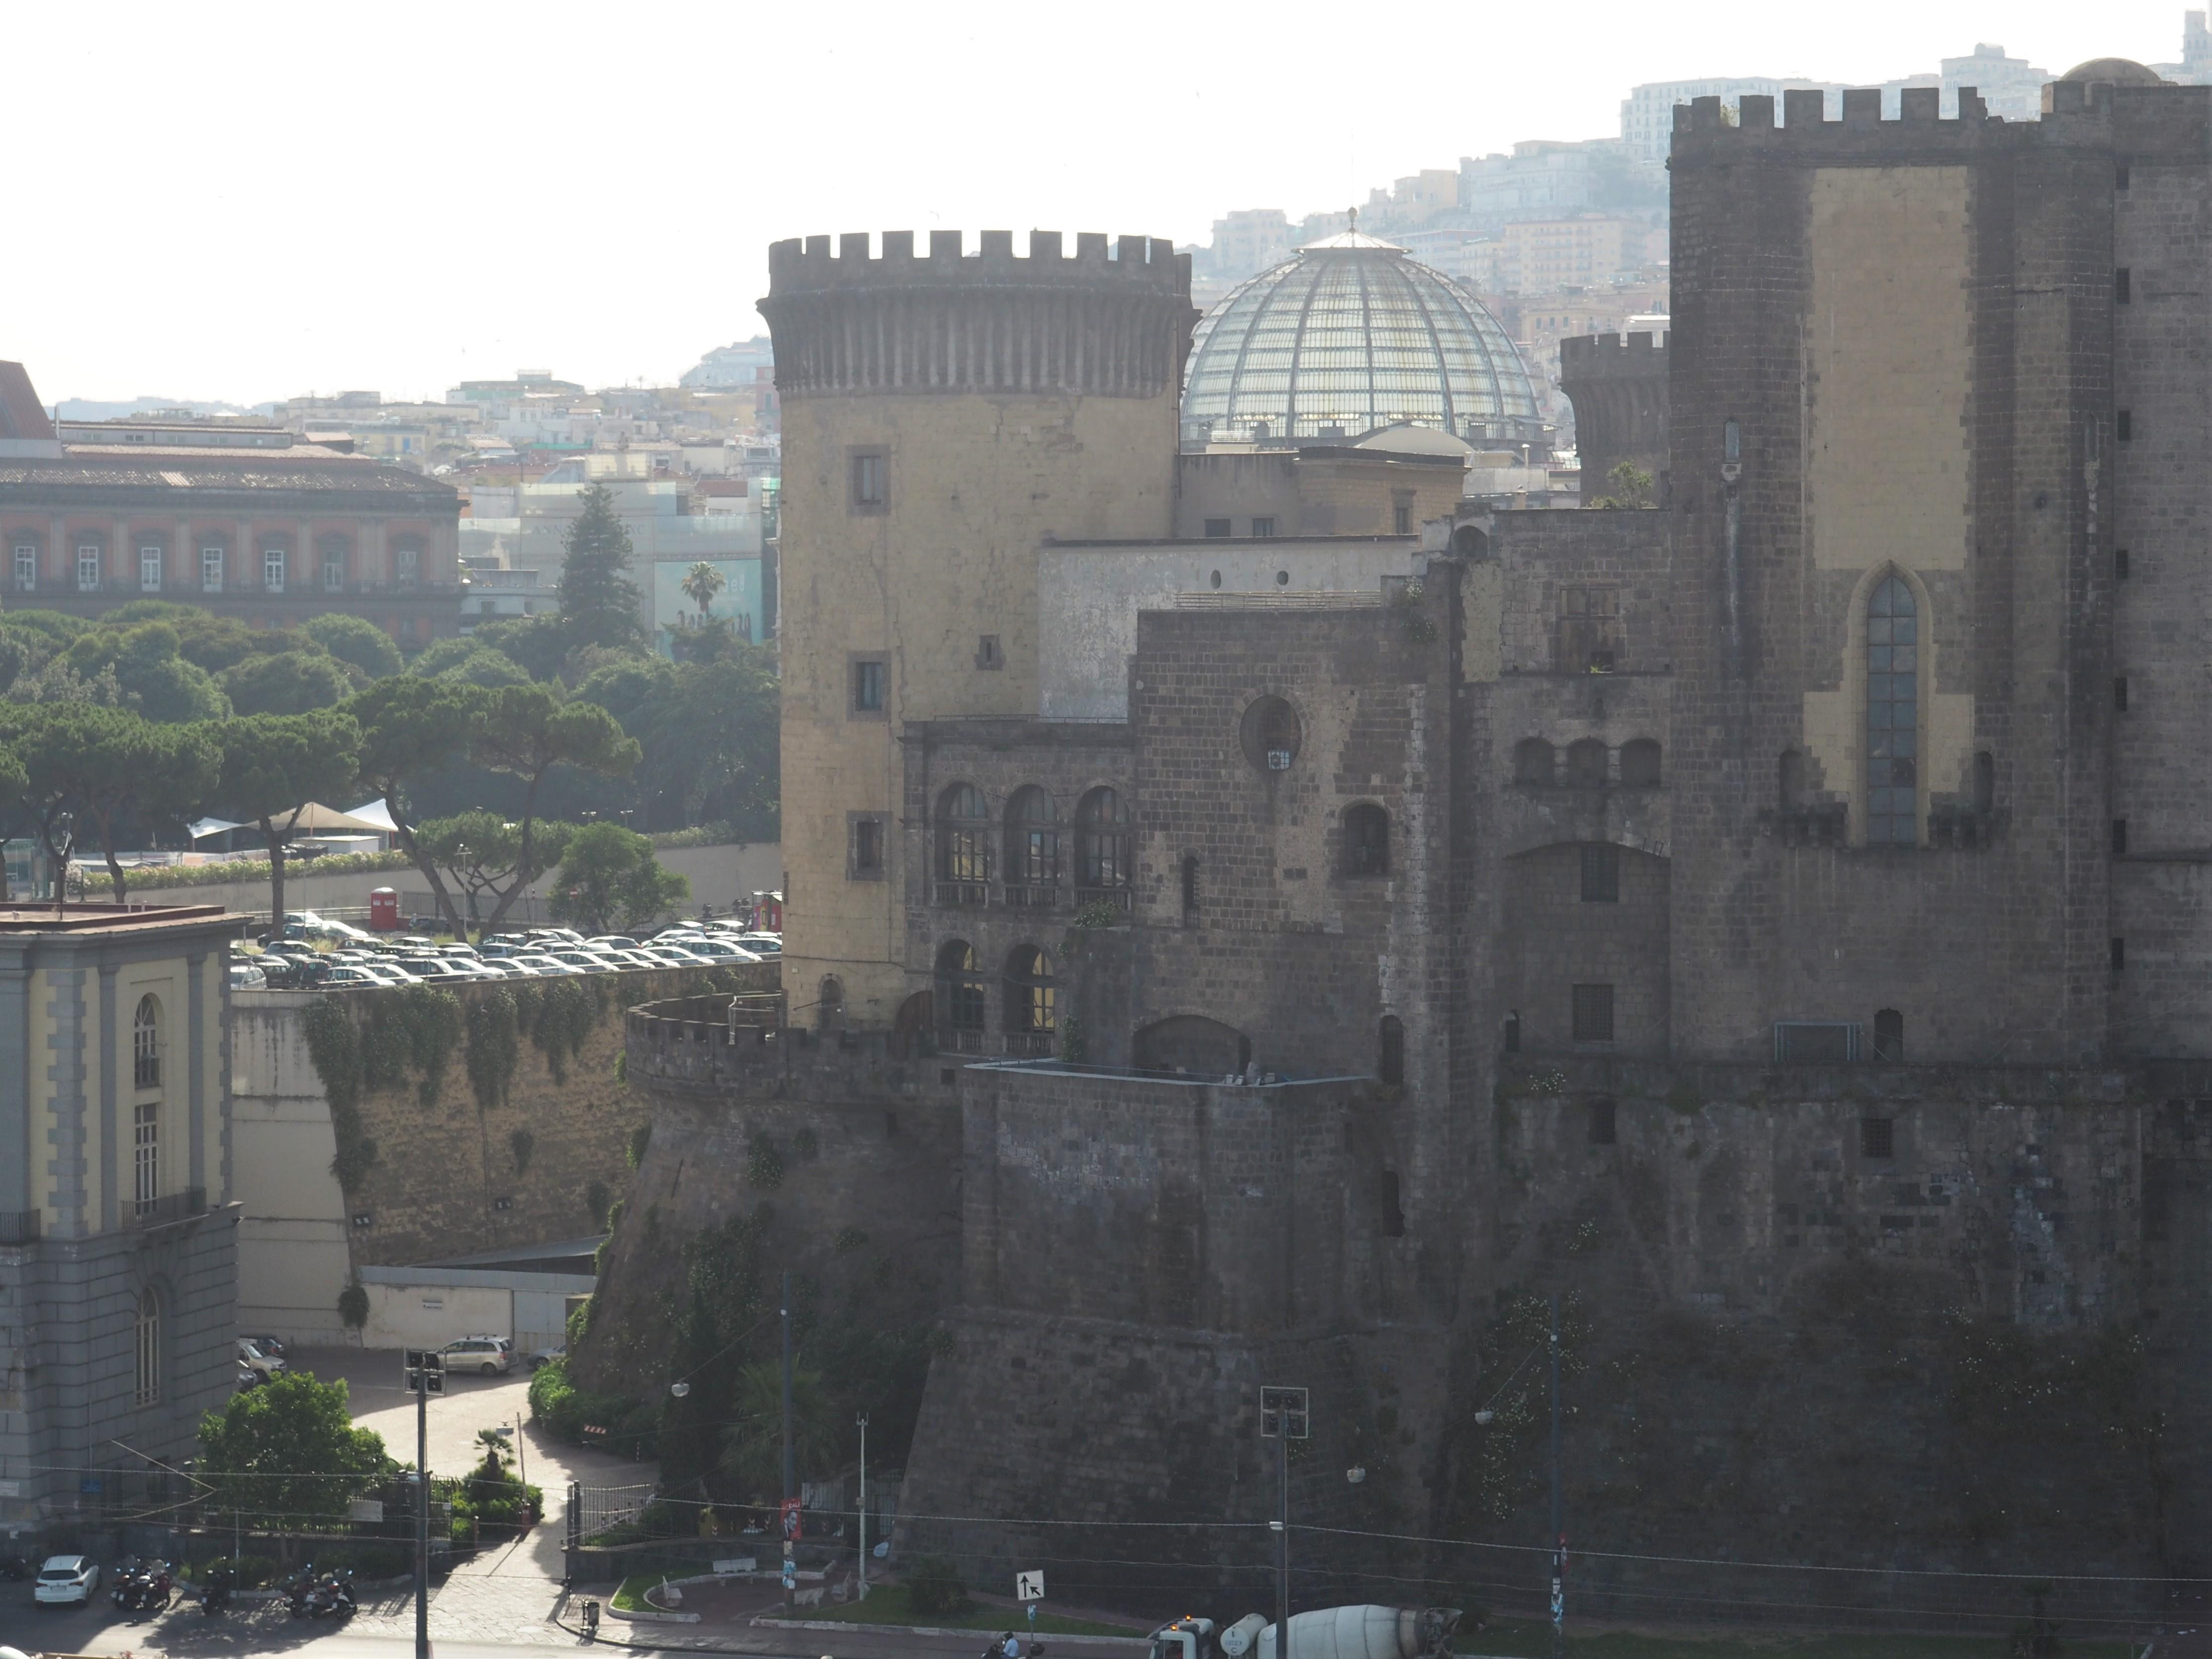 Die Burg Maschio Angionio und direkt dahinter die Kuppel der Galleria Umberto, einem wunderschönen Einkaufszentrum